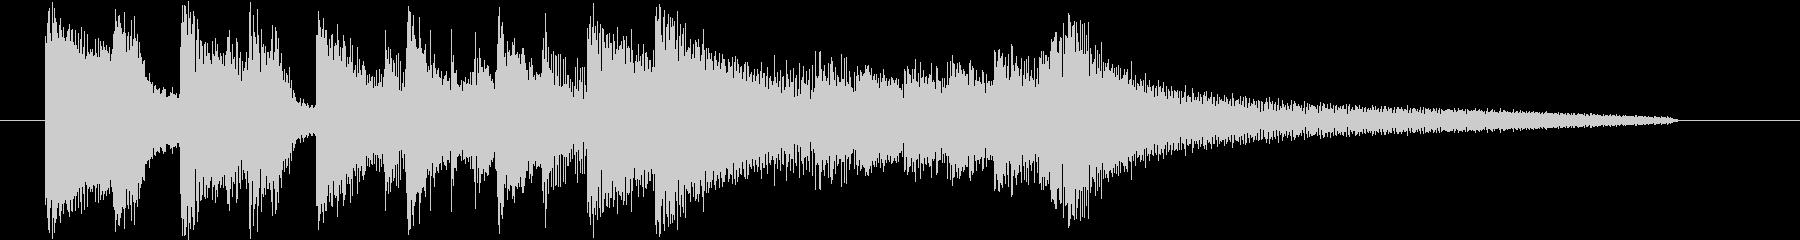 スラップが印象的なトリオ編成のジングルの未再生の波形